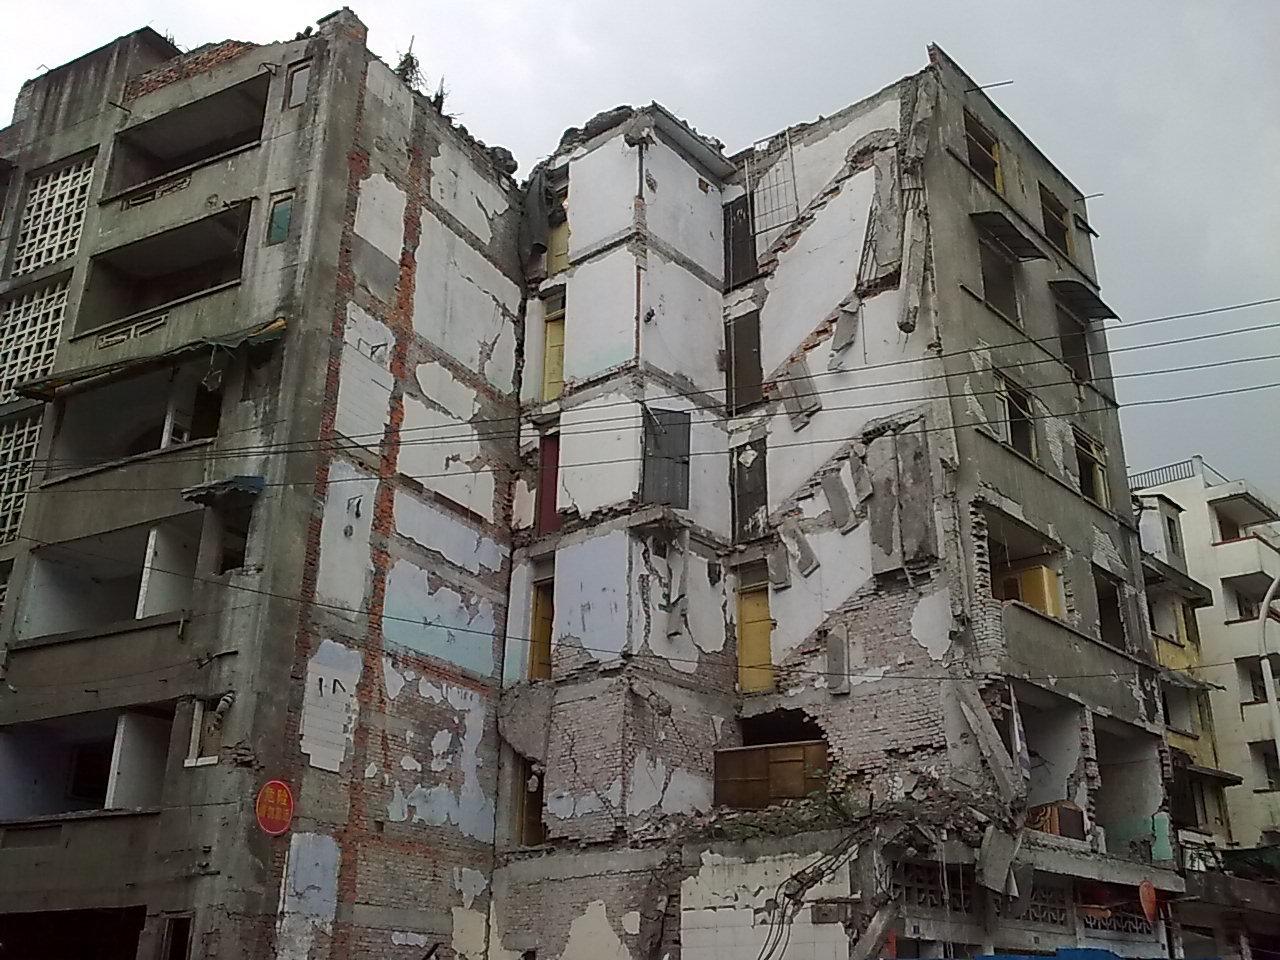 危楼高癹l._营业用危楼拆除原址重建,经规划审批,需要缴纳契税吗